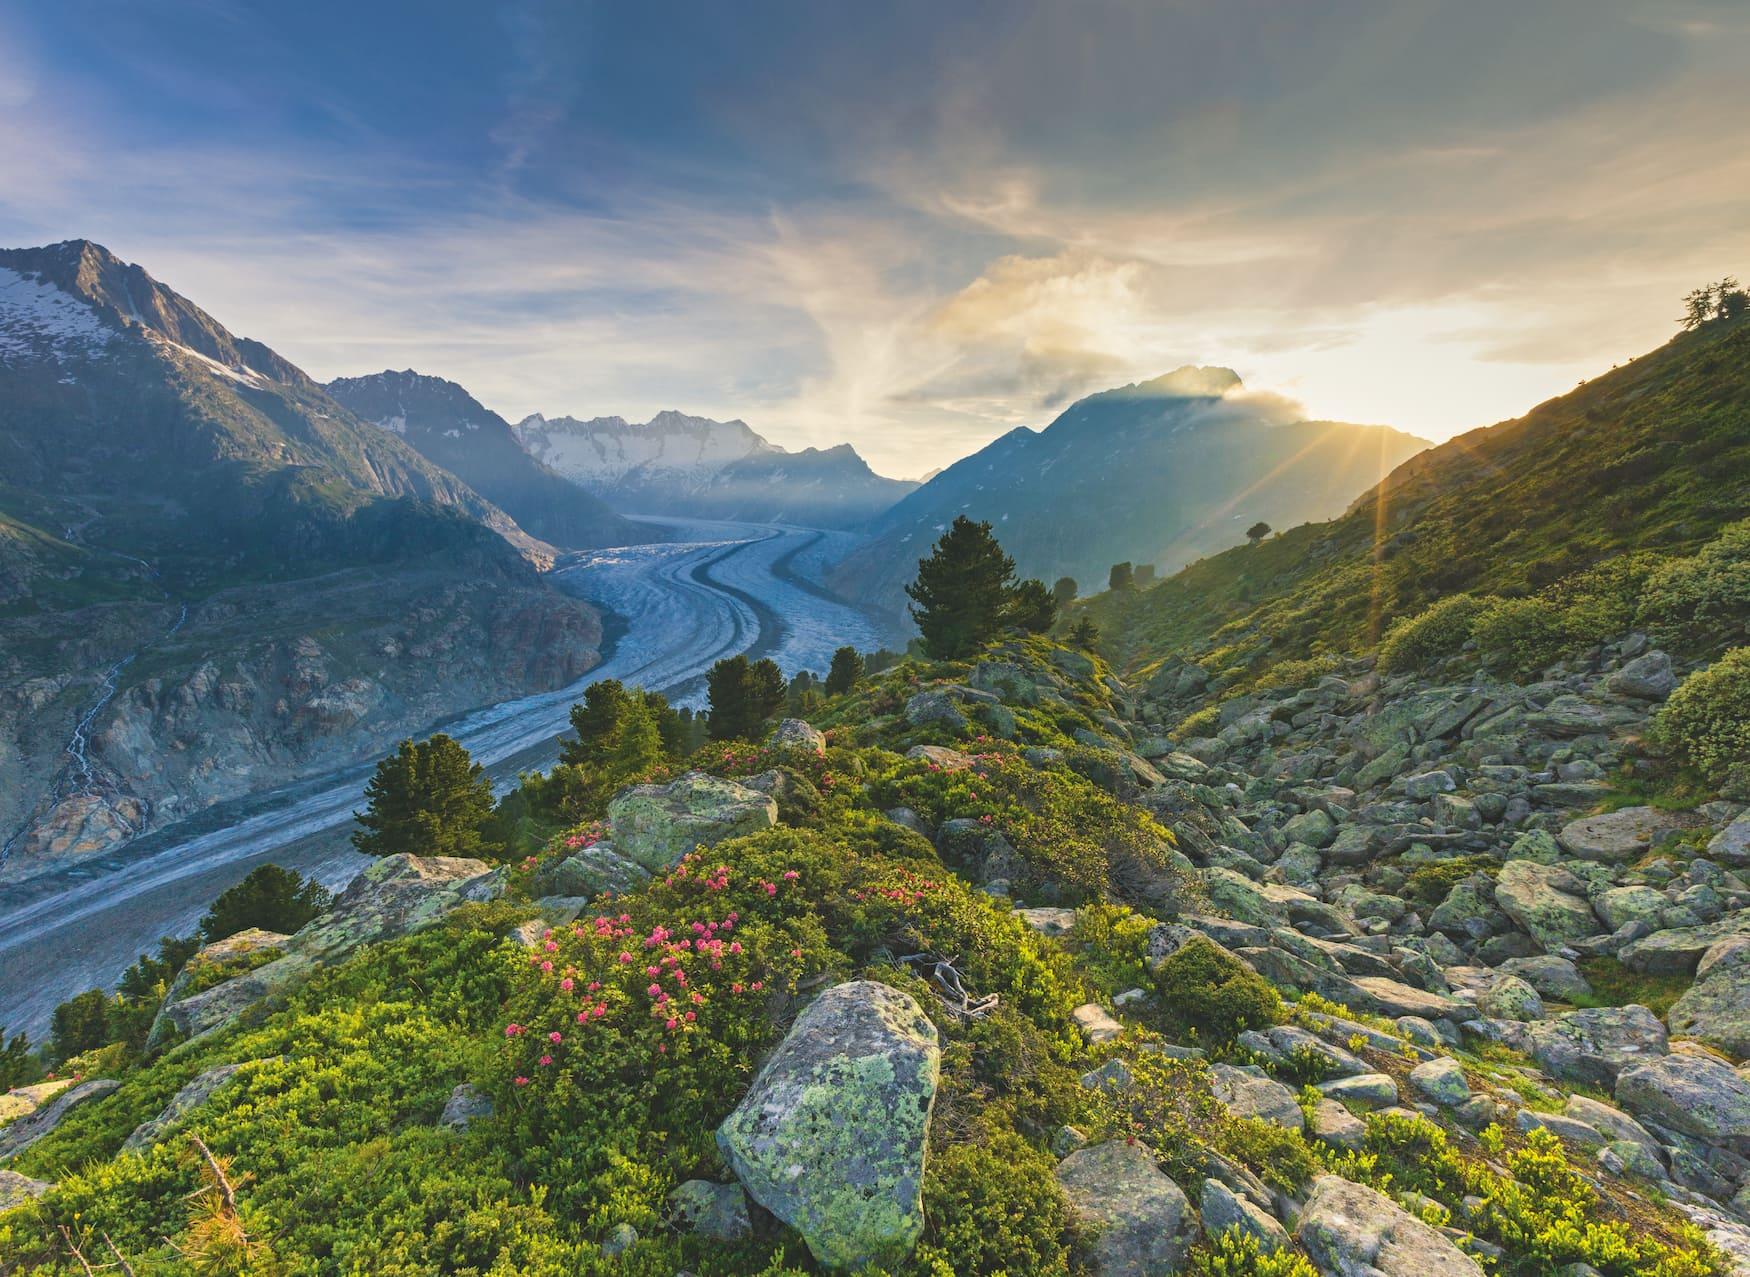 Blick vom Wandergebiet Aletschwald auf den Grossen Aletschgletscher